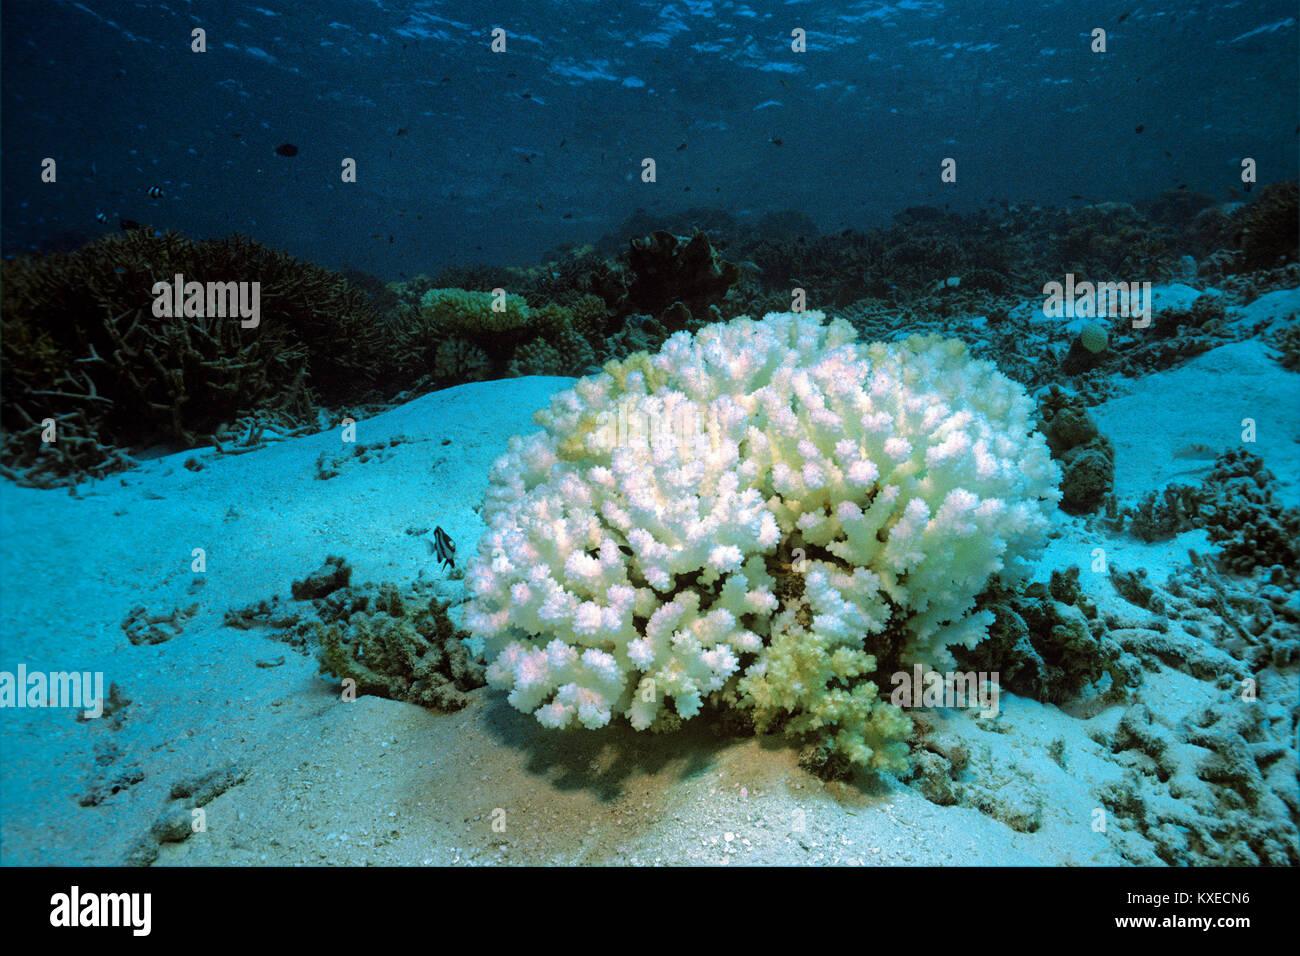 Gebleicht Steinkoralle, Korallenbleiche, Folgen der globalen Erwärmung, Coral Reef auf den Malediven Inseln, Stockbild